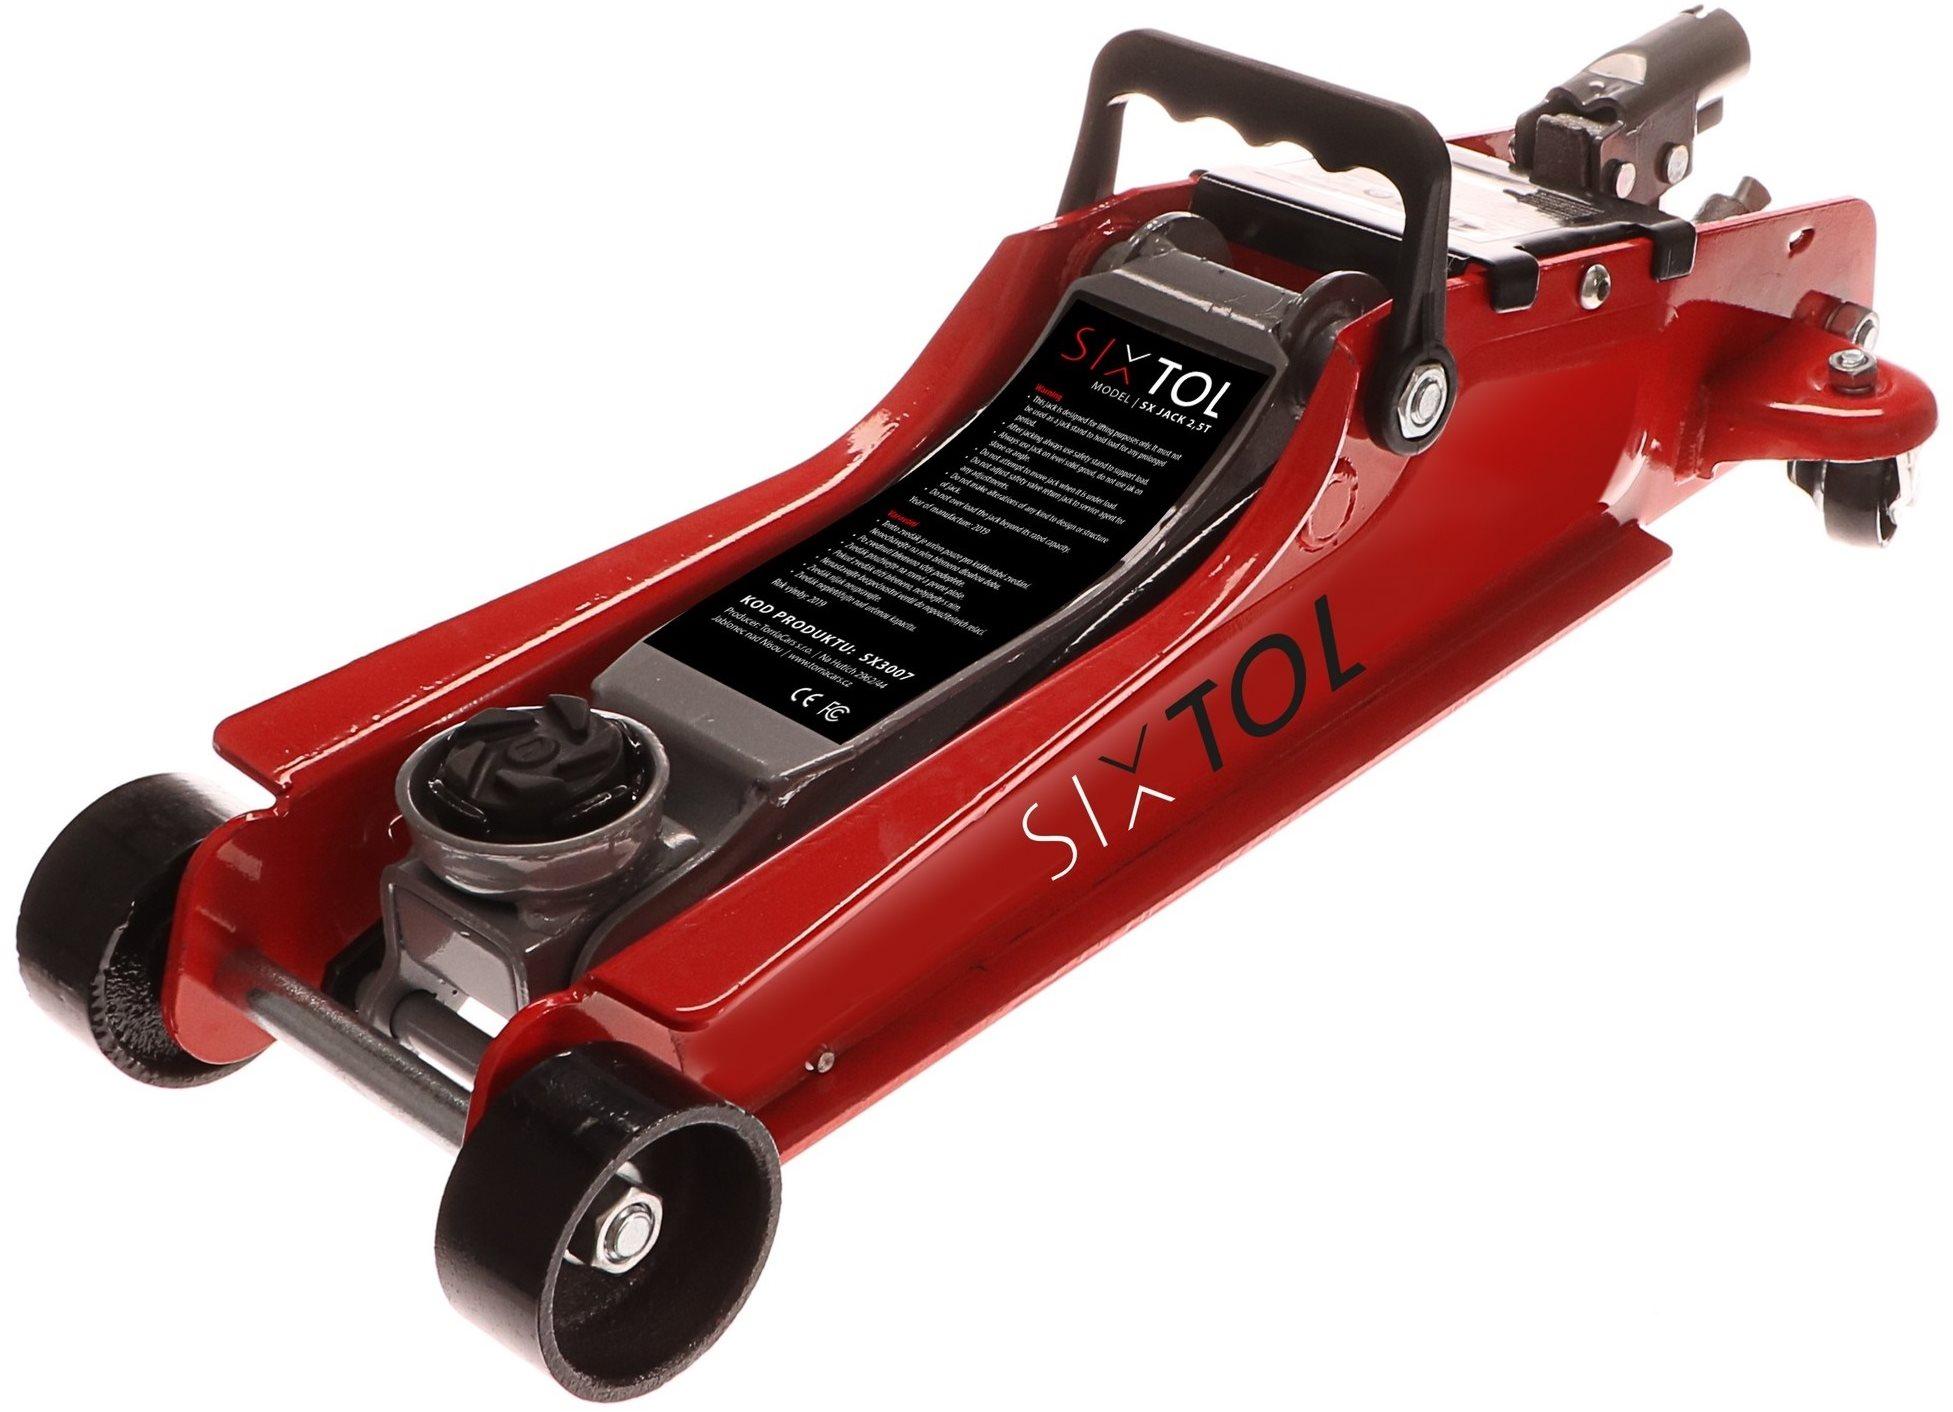 SIXTOL SX Jack 2,5T